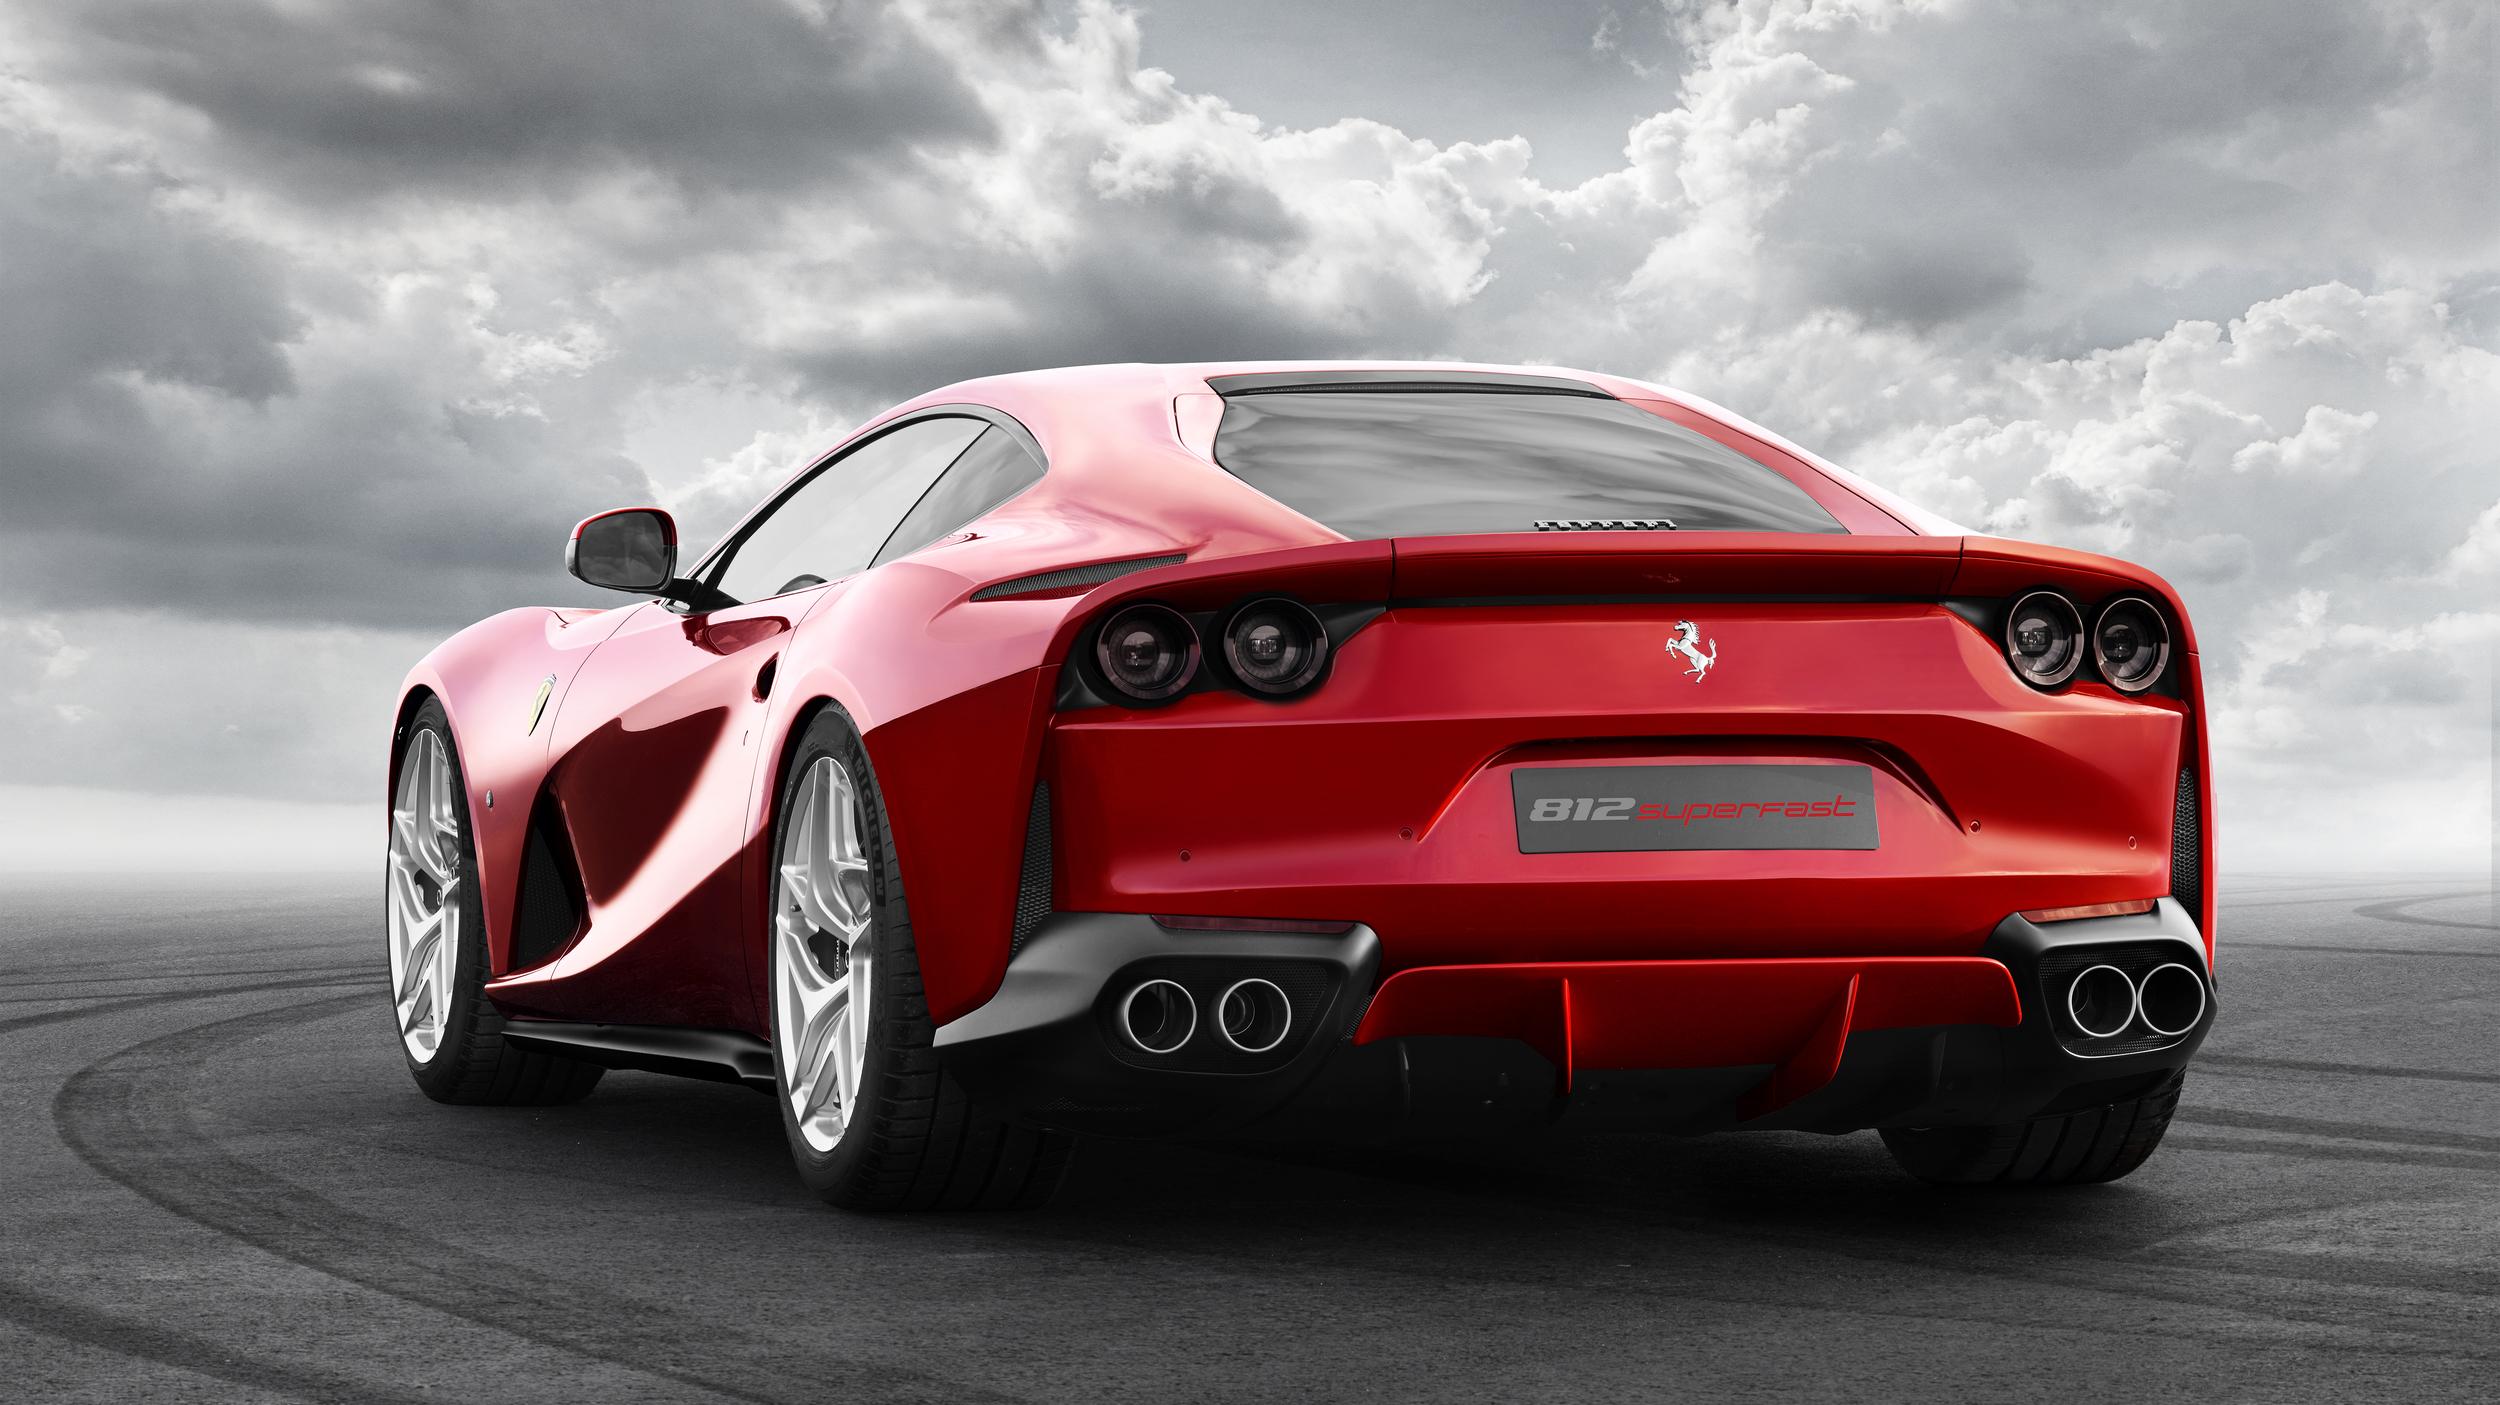 Conoce al nuevo Ferrari 812 Superfast 2018, el más poderos ...